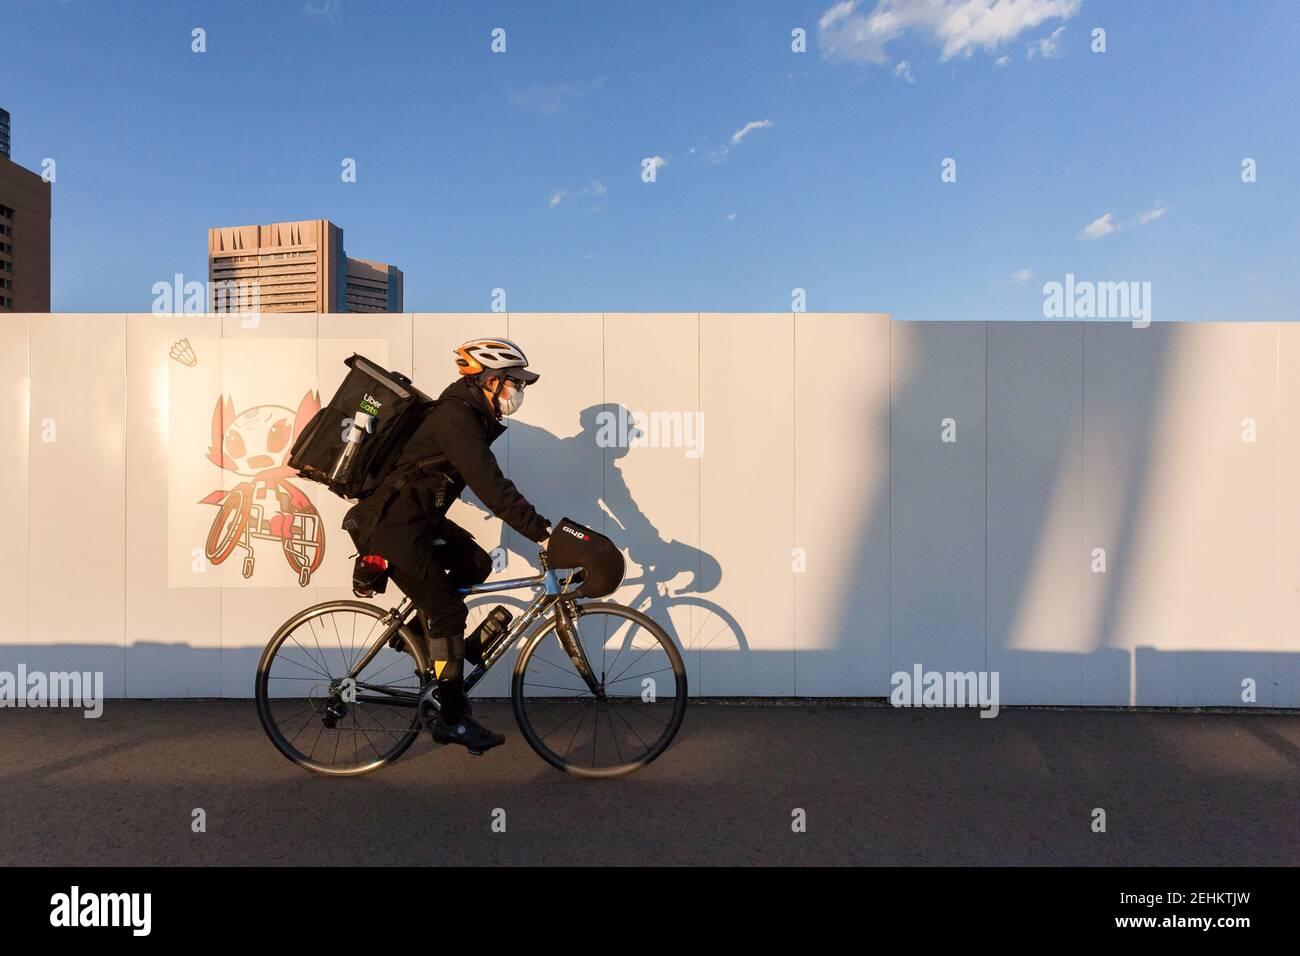 Tokio Japan Februar 2021 3rd Ein Uber Isst Zustellmitarbeiter Fahrt An Einem Bildwandplakat Der Olympischen Maskottchen In Tsukiji Vorbei Die Zukunft Der Olympischen Und Paralympischen Spiele 2020 In Tokio Ist Nach Einer Verzogerung